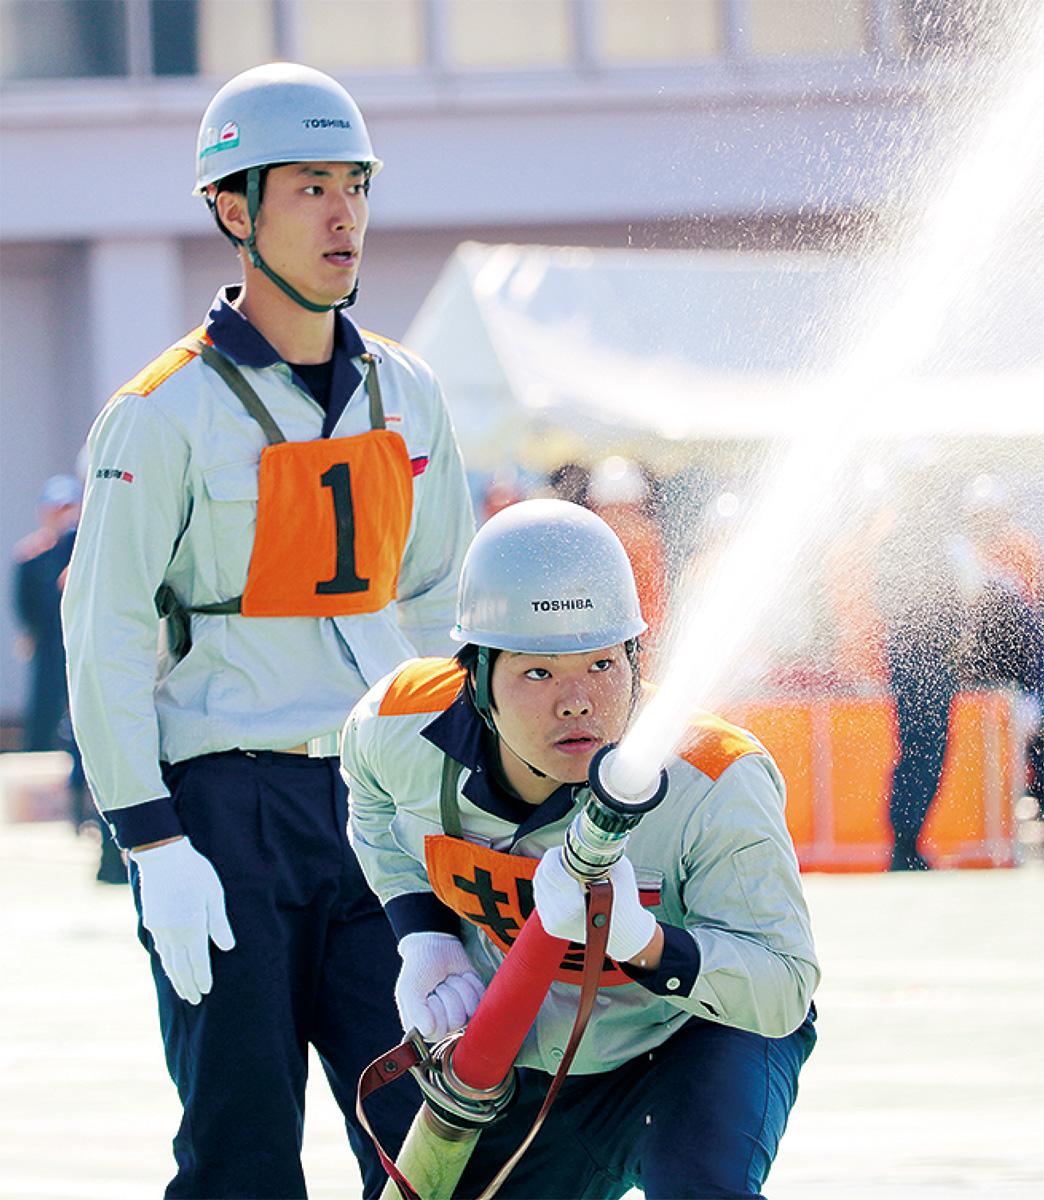 訓練の成果を発揮した東芝エネルギーシステムズ(株)の隊員